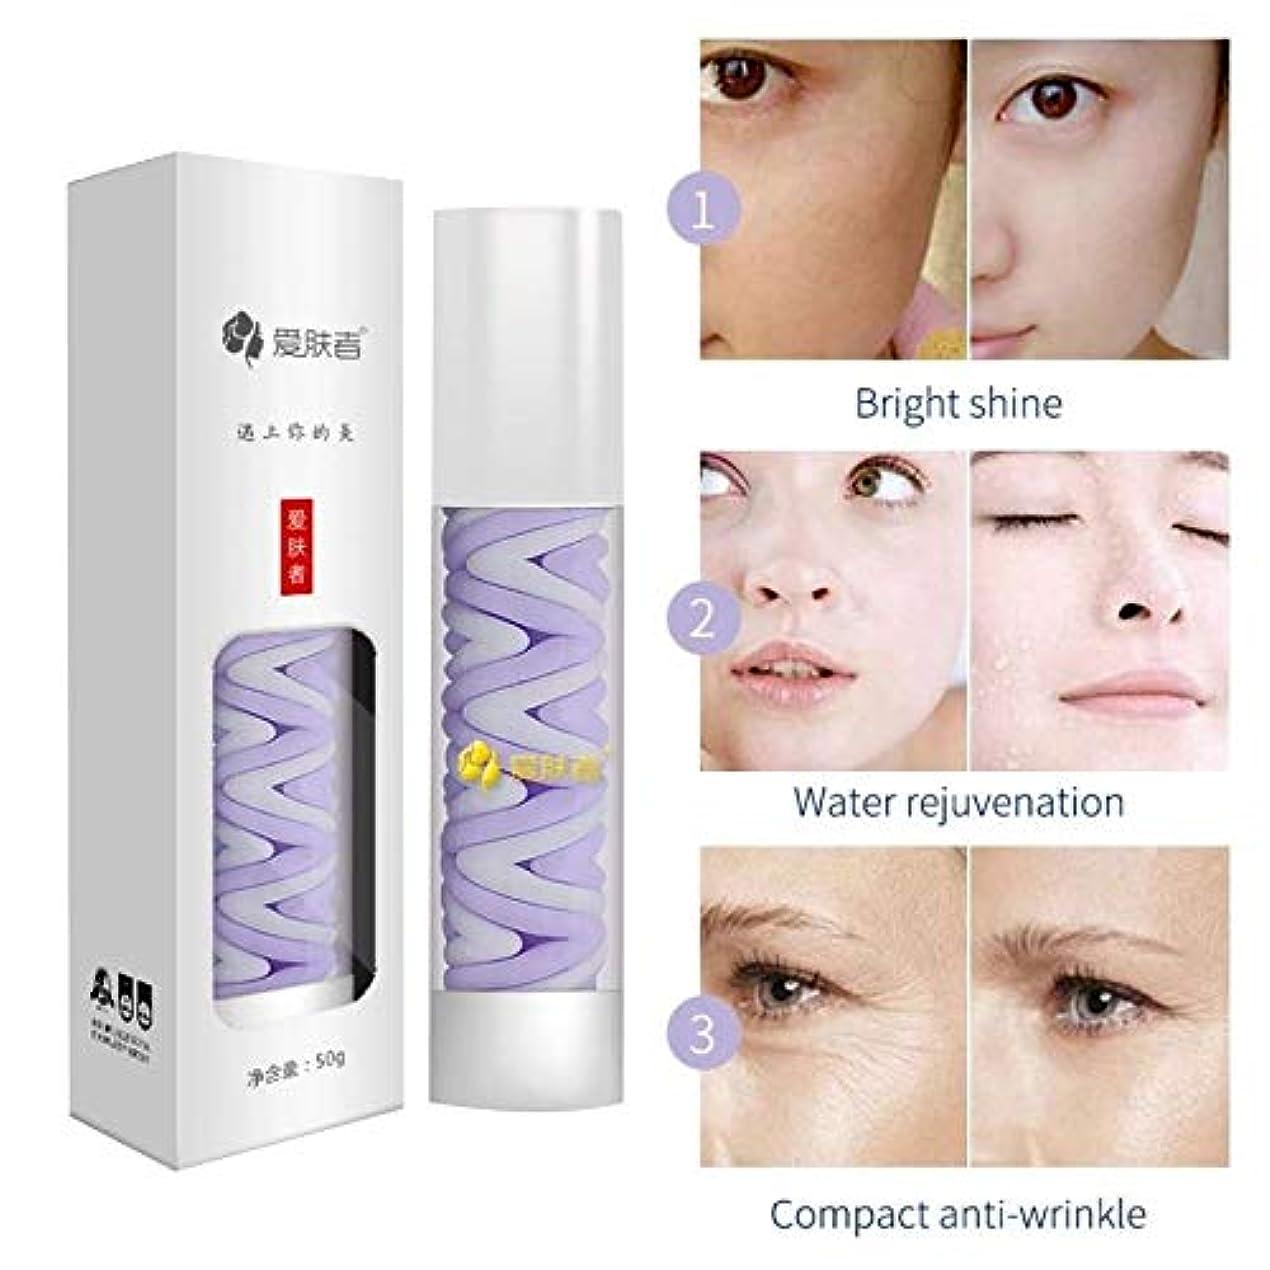 具体的に許す近代化するhialuronicoリフティングモイスチャライザー寧oをコラーゲンをエイジング保湿フェイスクリームhidratante顔のアンチリンクルケア